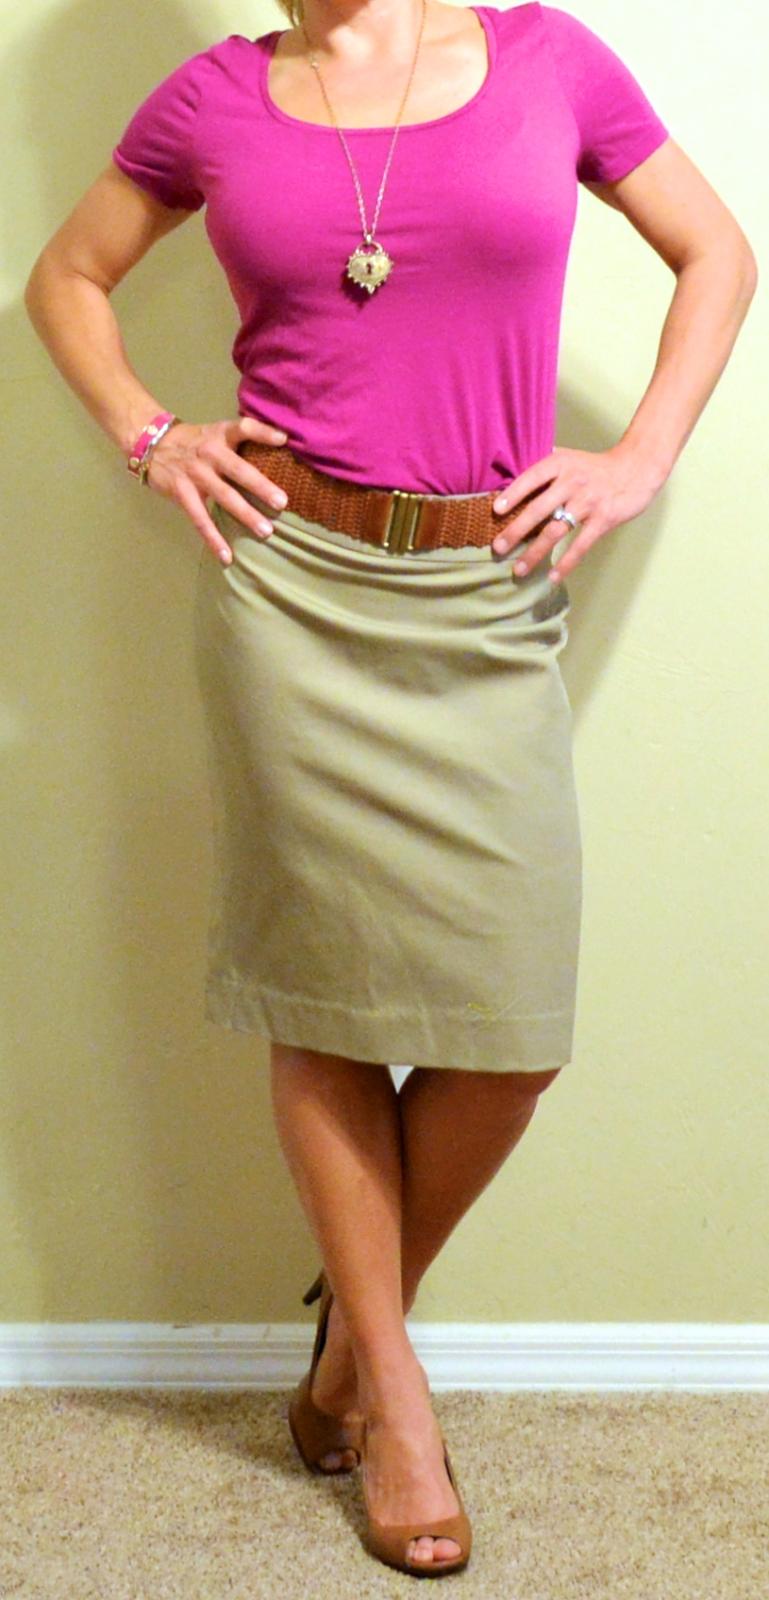 01d1b-pinkshirtpencilskirt